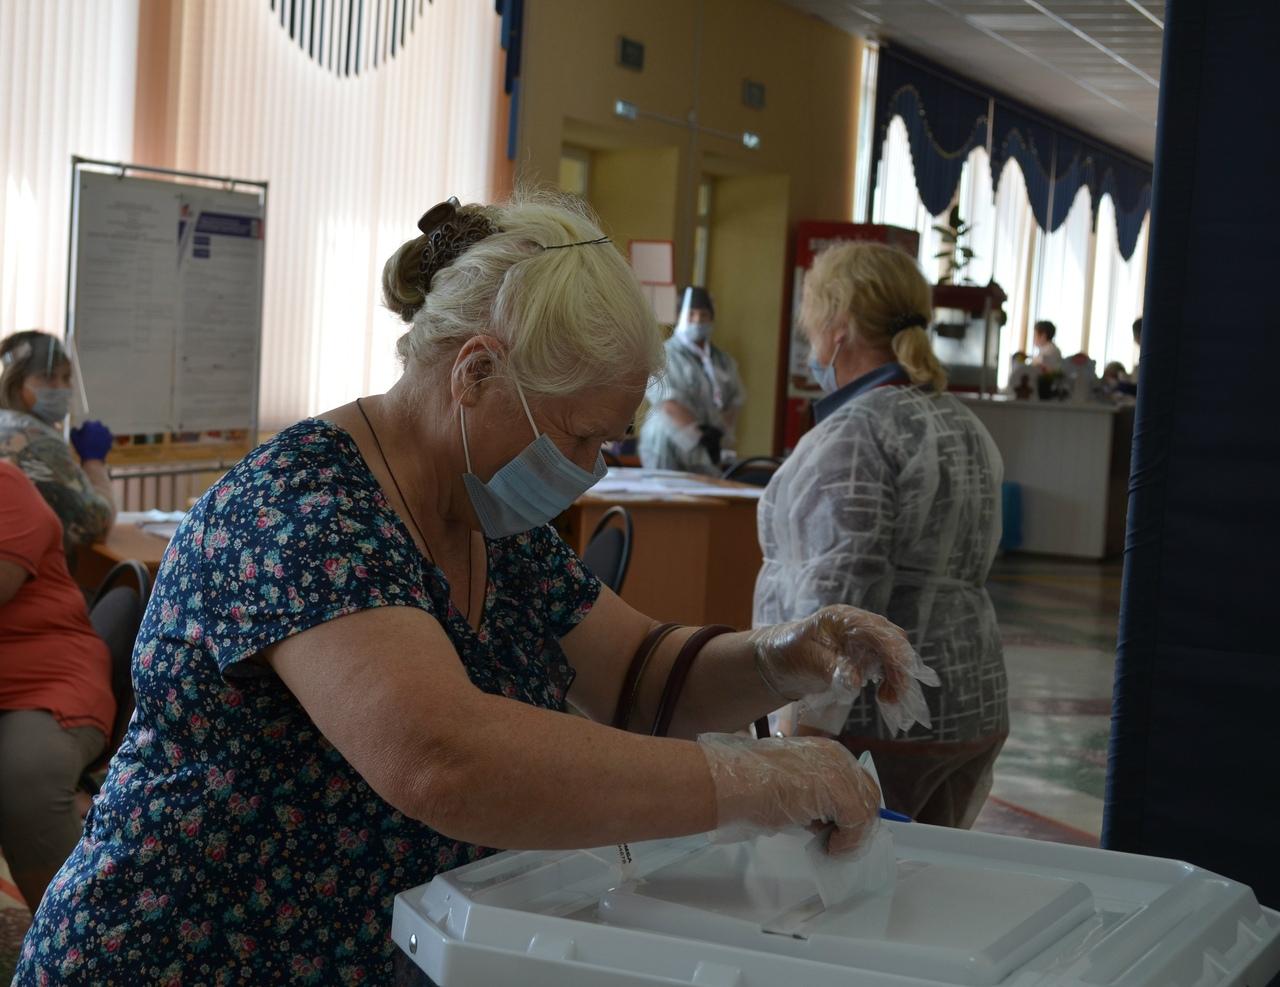 Голосование по внесению поправок в Конституцию России: на избирательных участках Петровского района соблюдаются предписания Роспотребнадзора по охране здоровья граждан